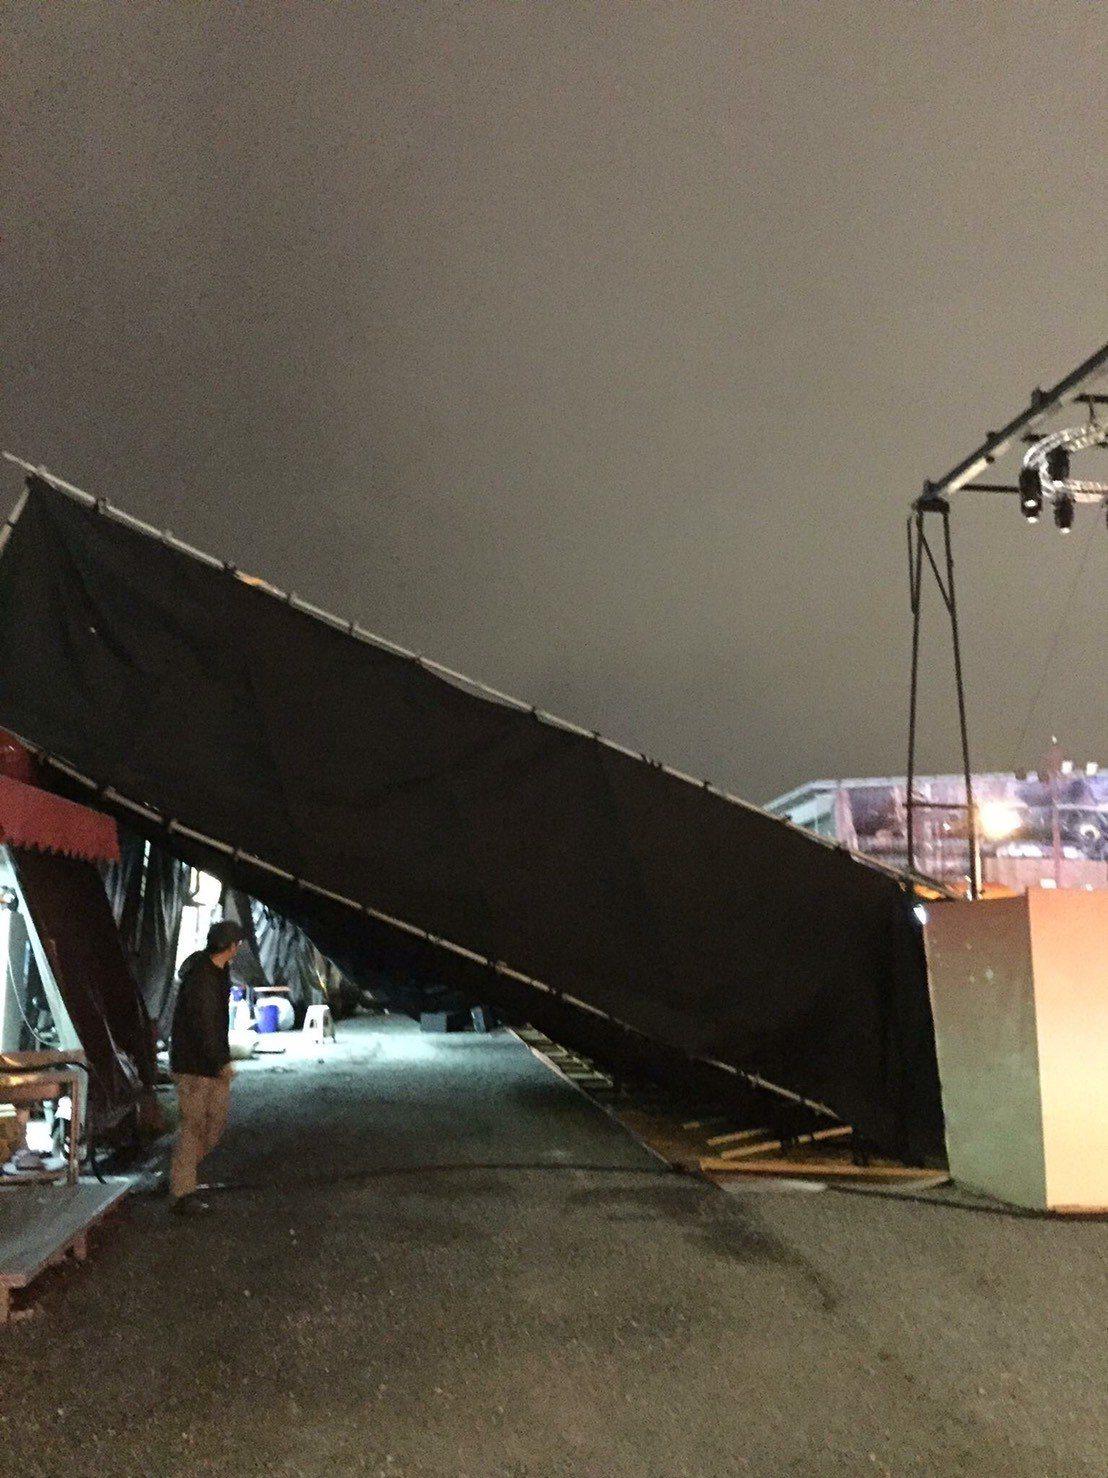 花蓮晚間刮起然一陣怪風,將燈會後方的舞台燈架吹倒。圖/民眾提供